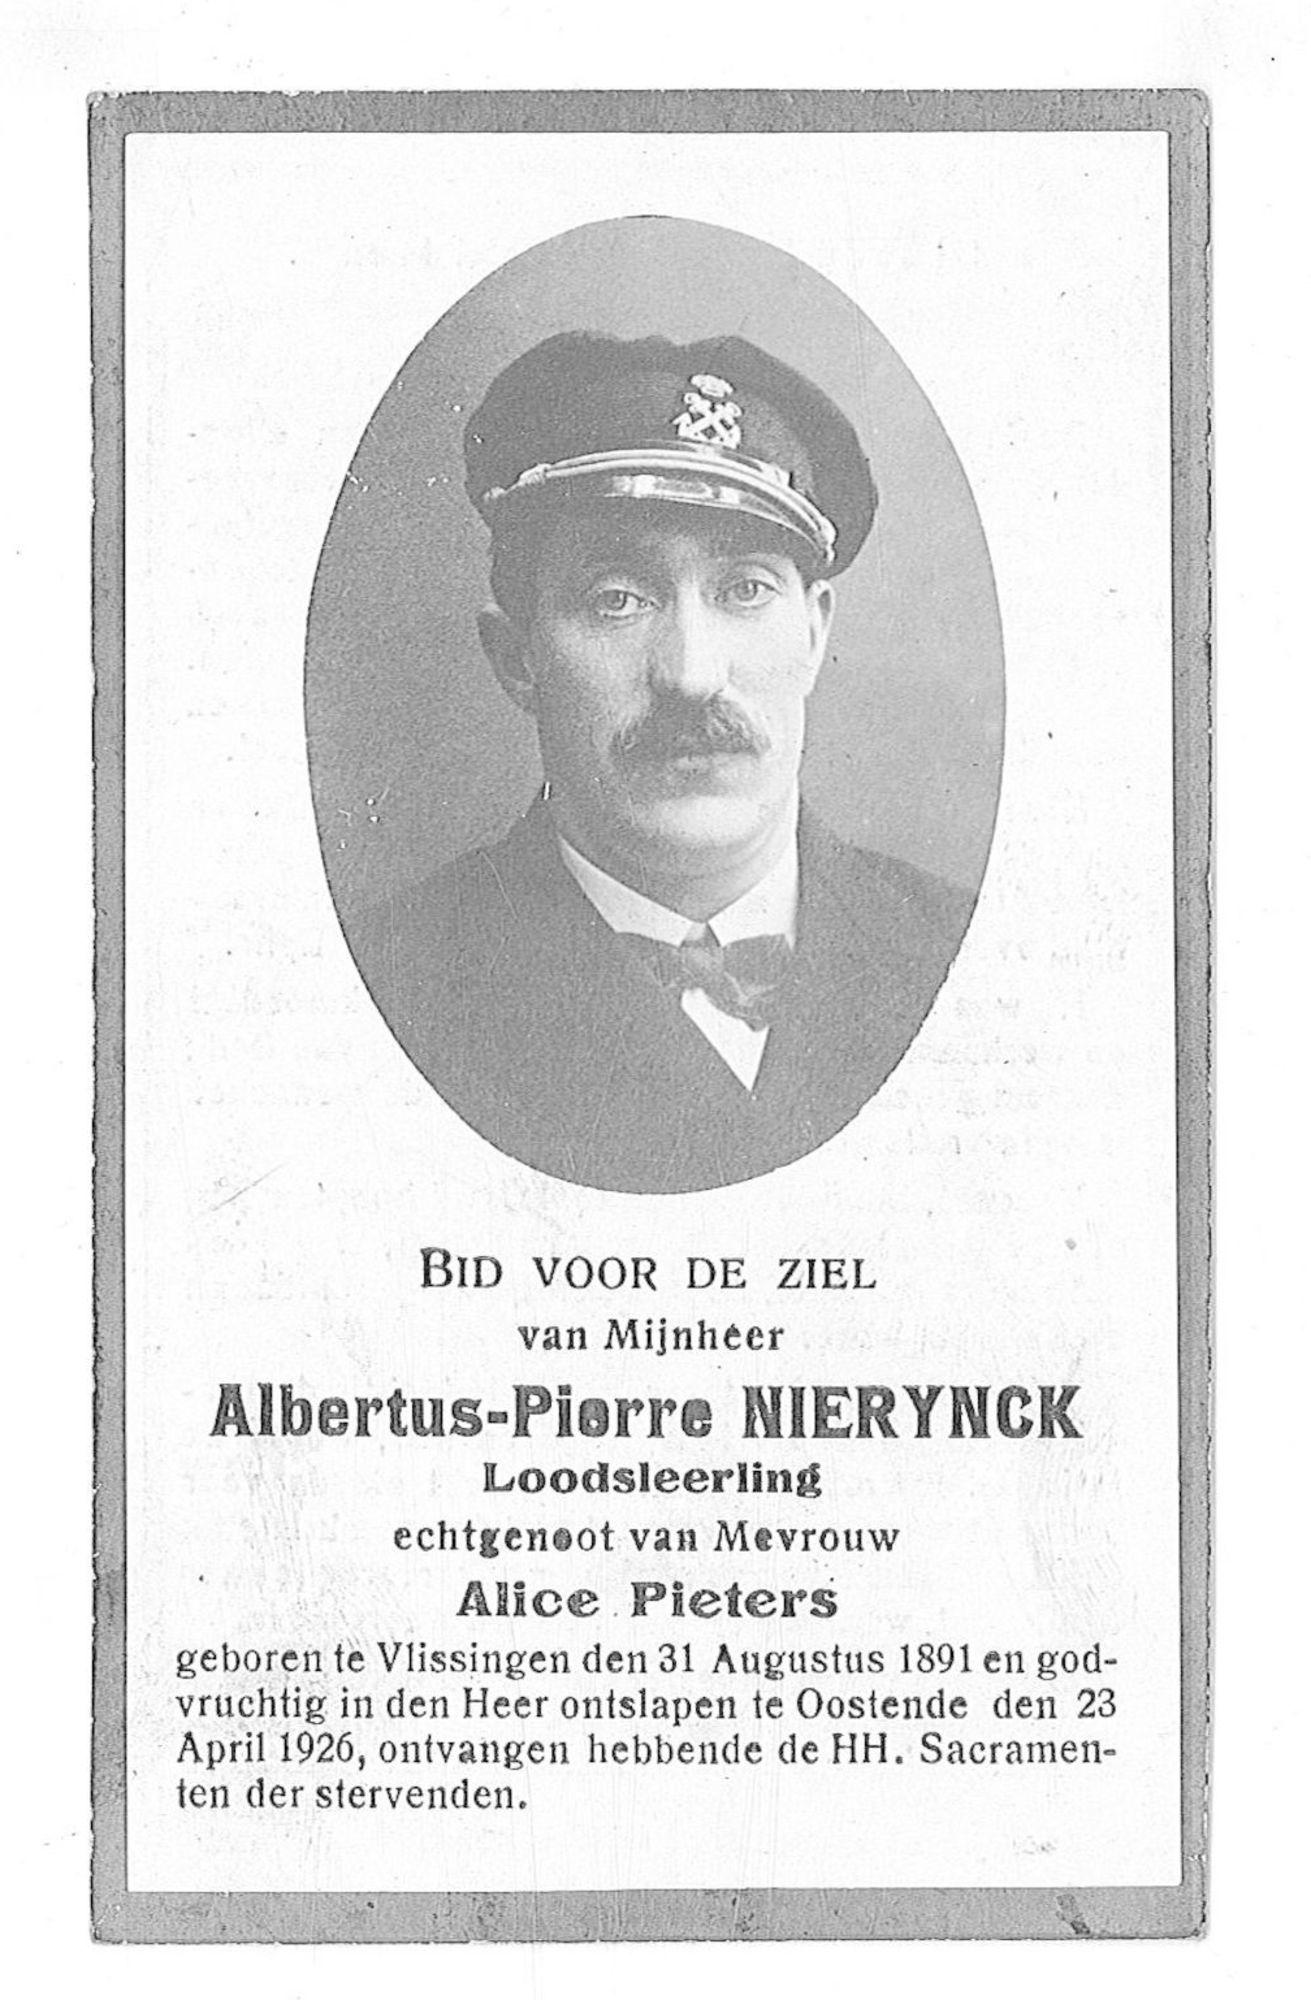 Albertus-Pierre Nierynck